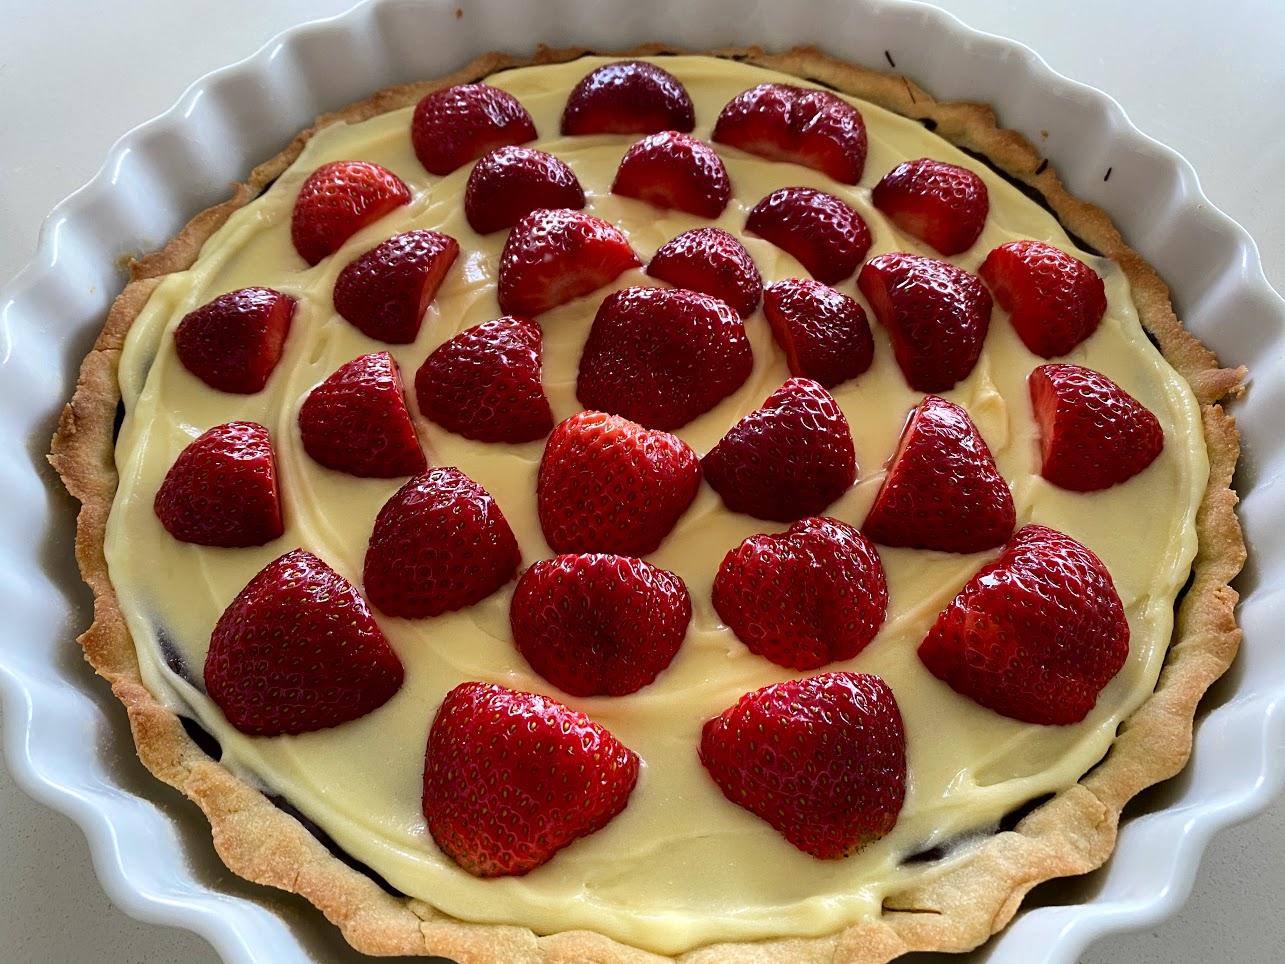 jordbærtærte med mørdejsbund og chokoladeovertræk chokolade mørdejsbund creme vaniljecreme opskrift på jordbærkage